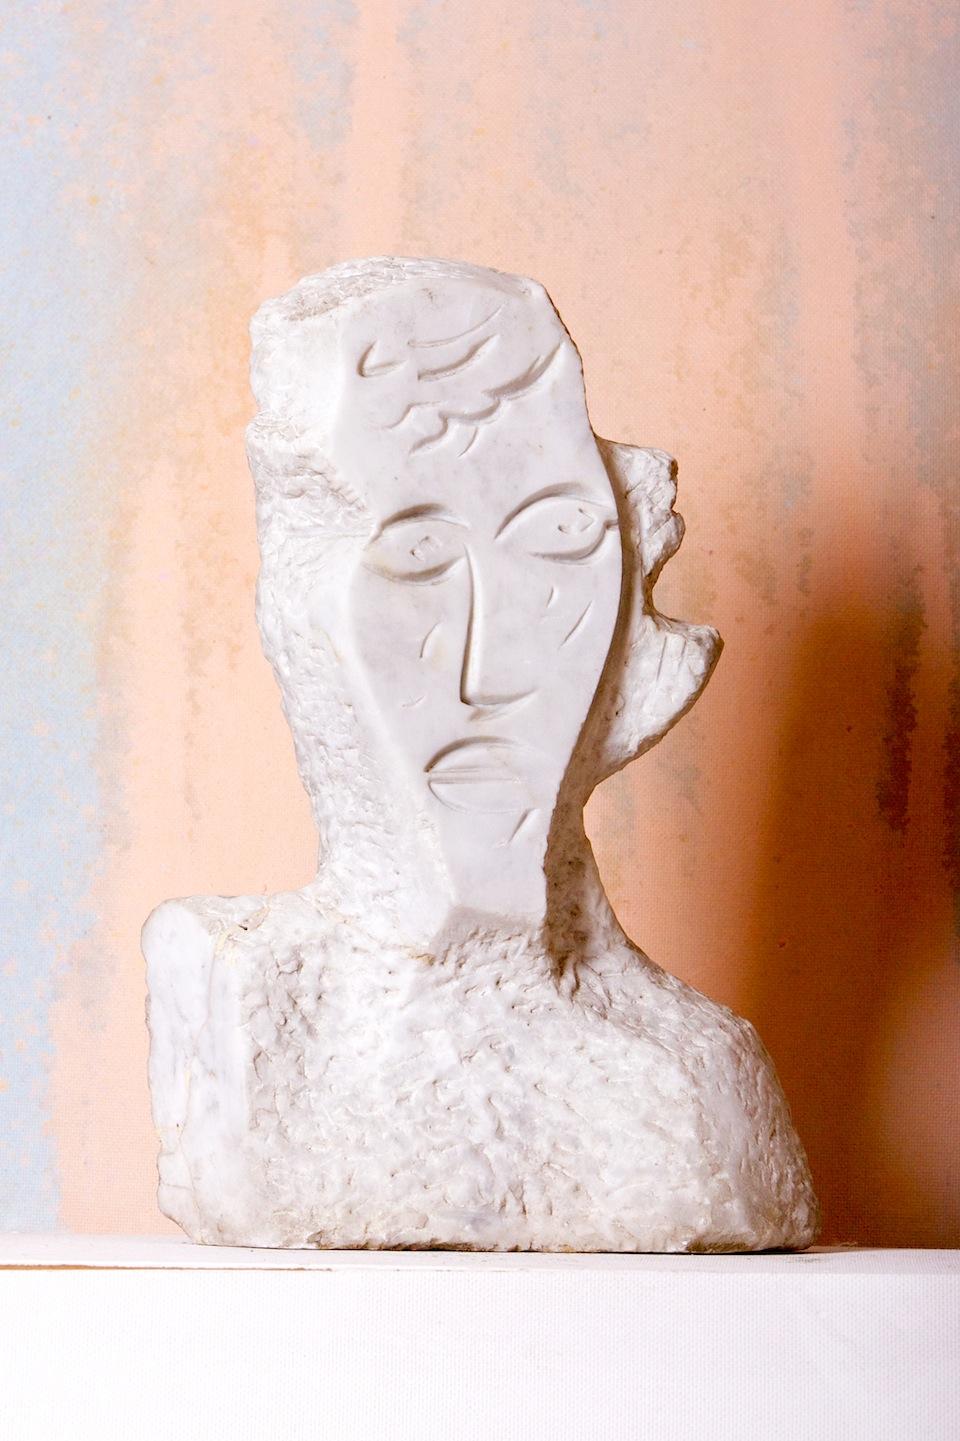 Nijolės portretas